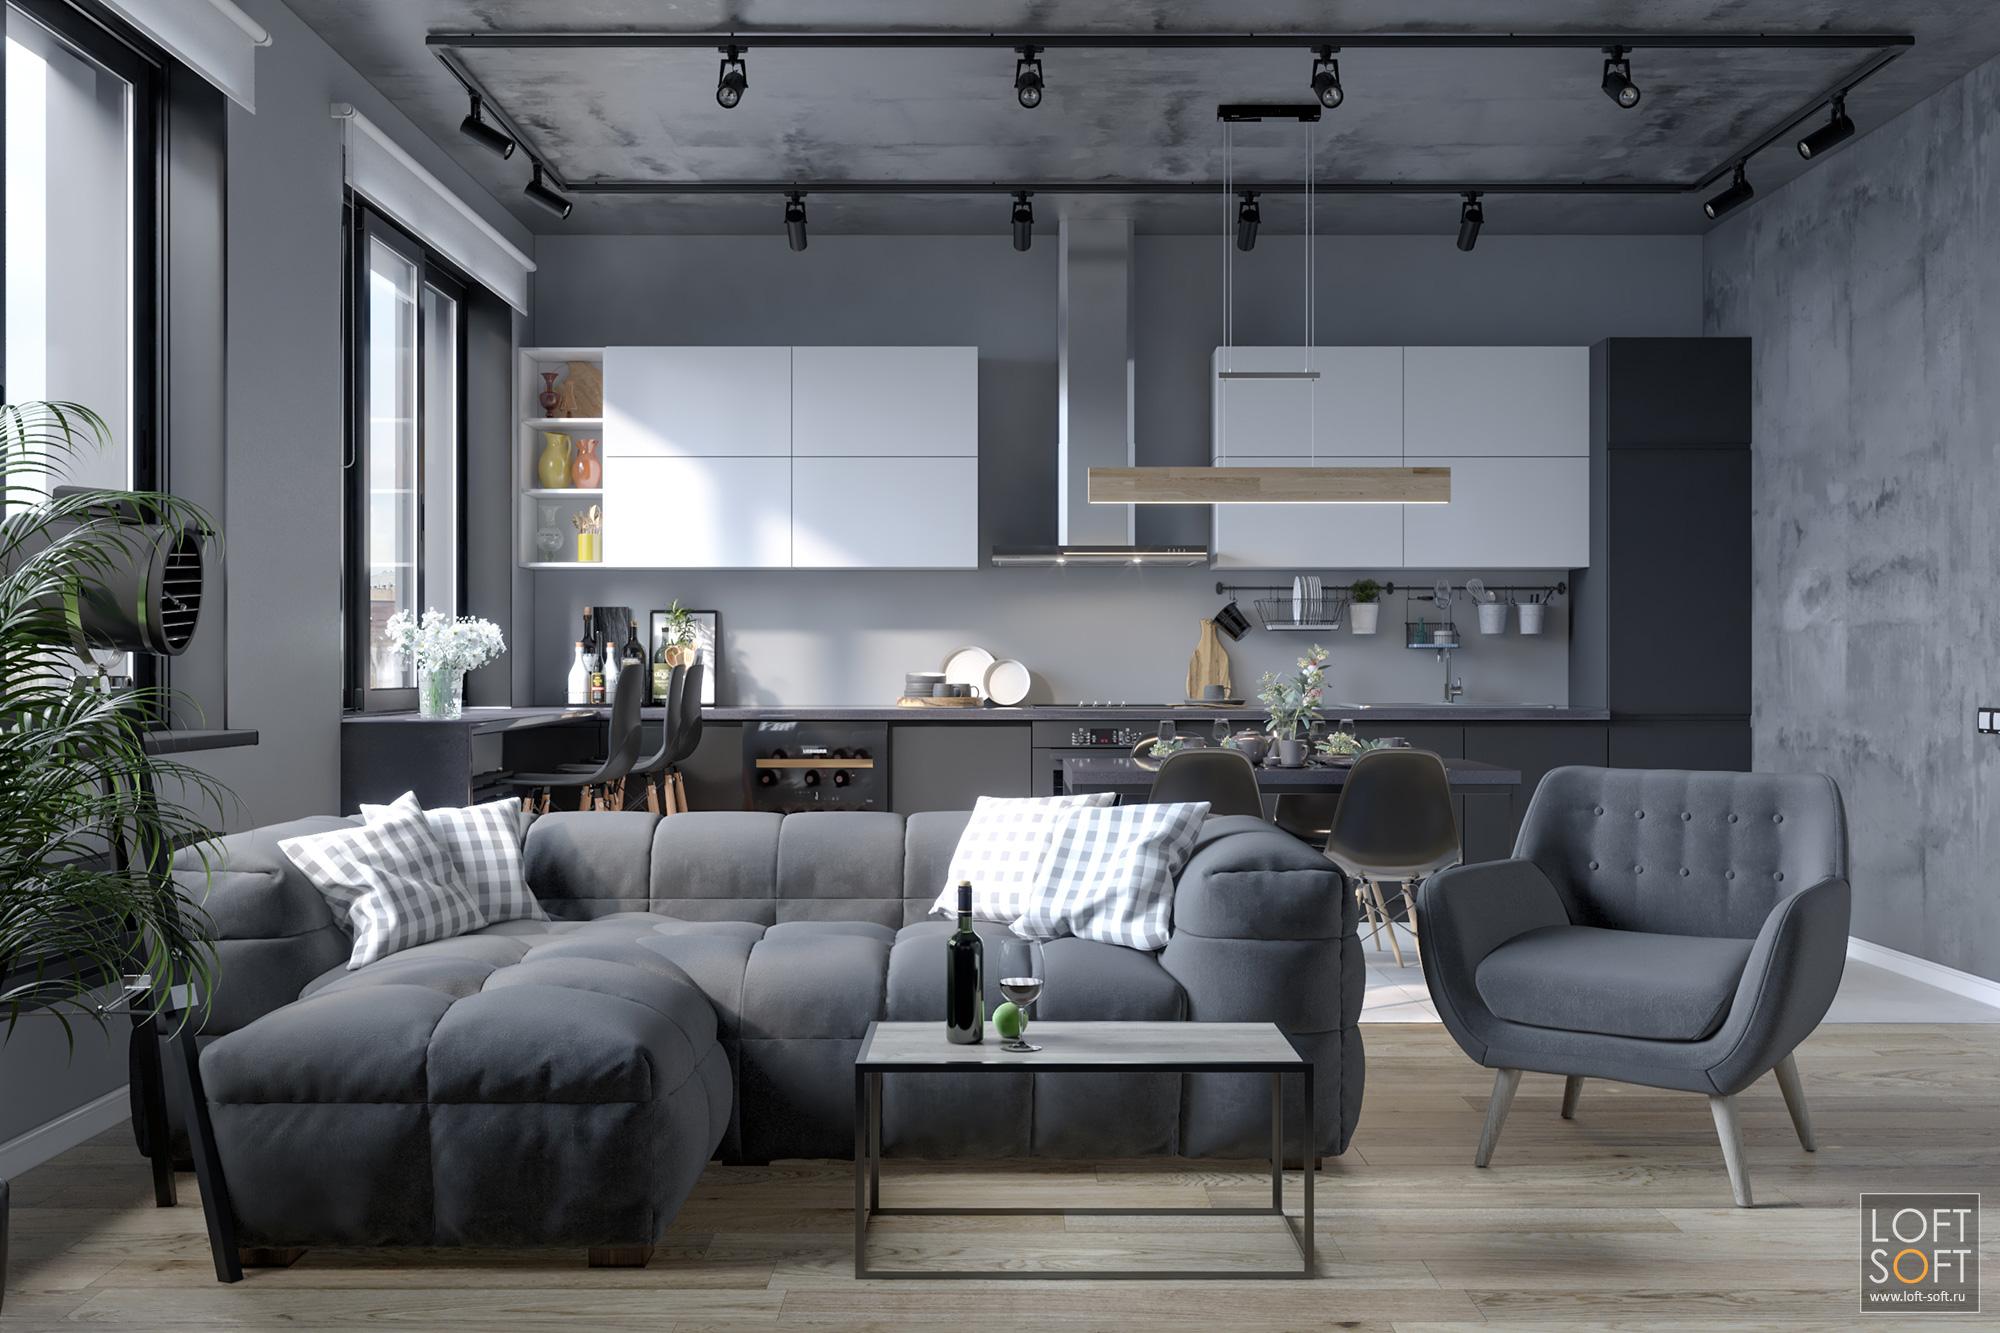 квартира встиле лофт, серый интерьер, серая мебель вгостиной